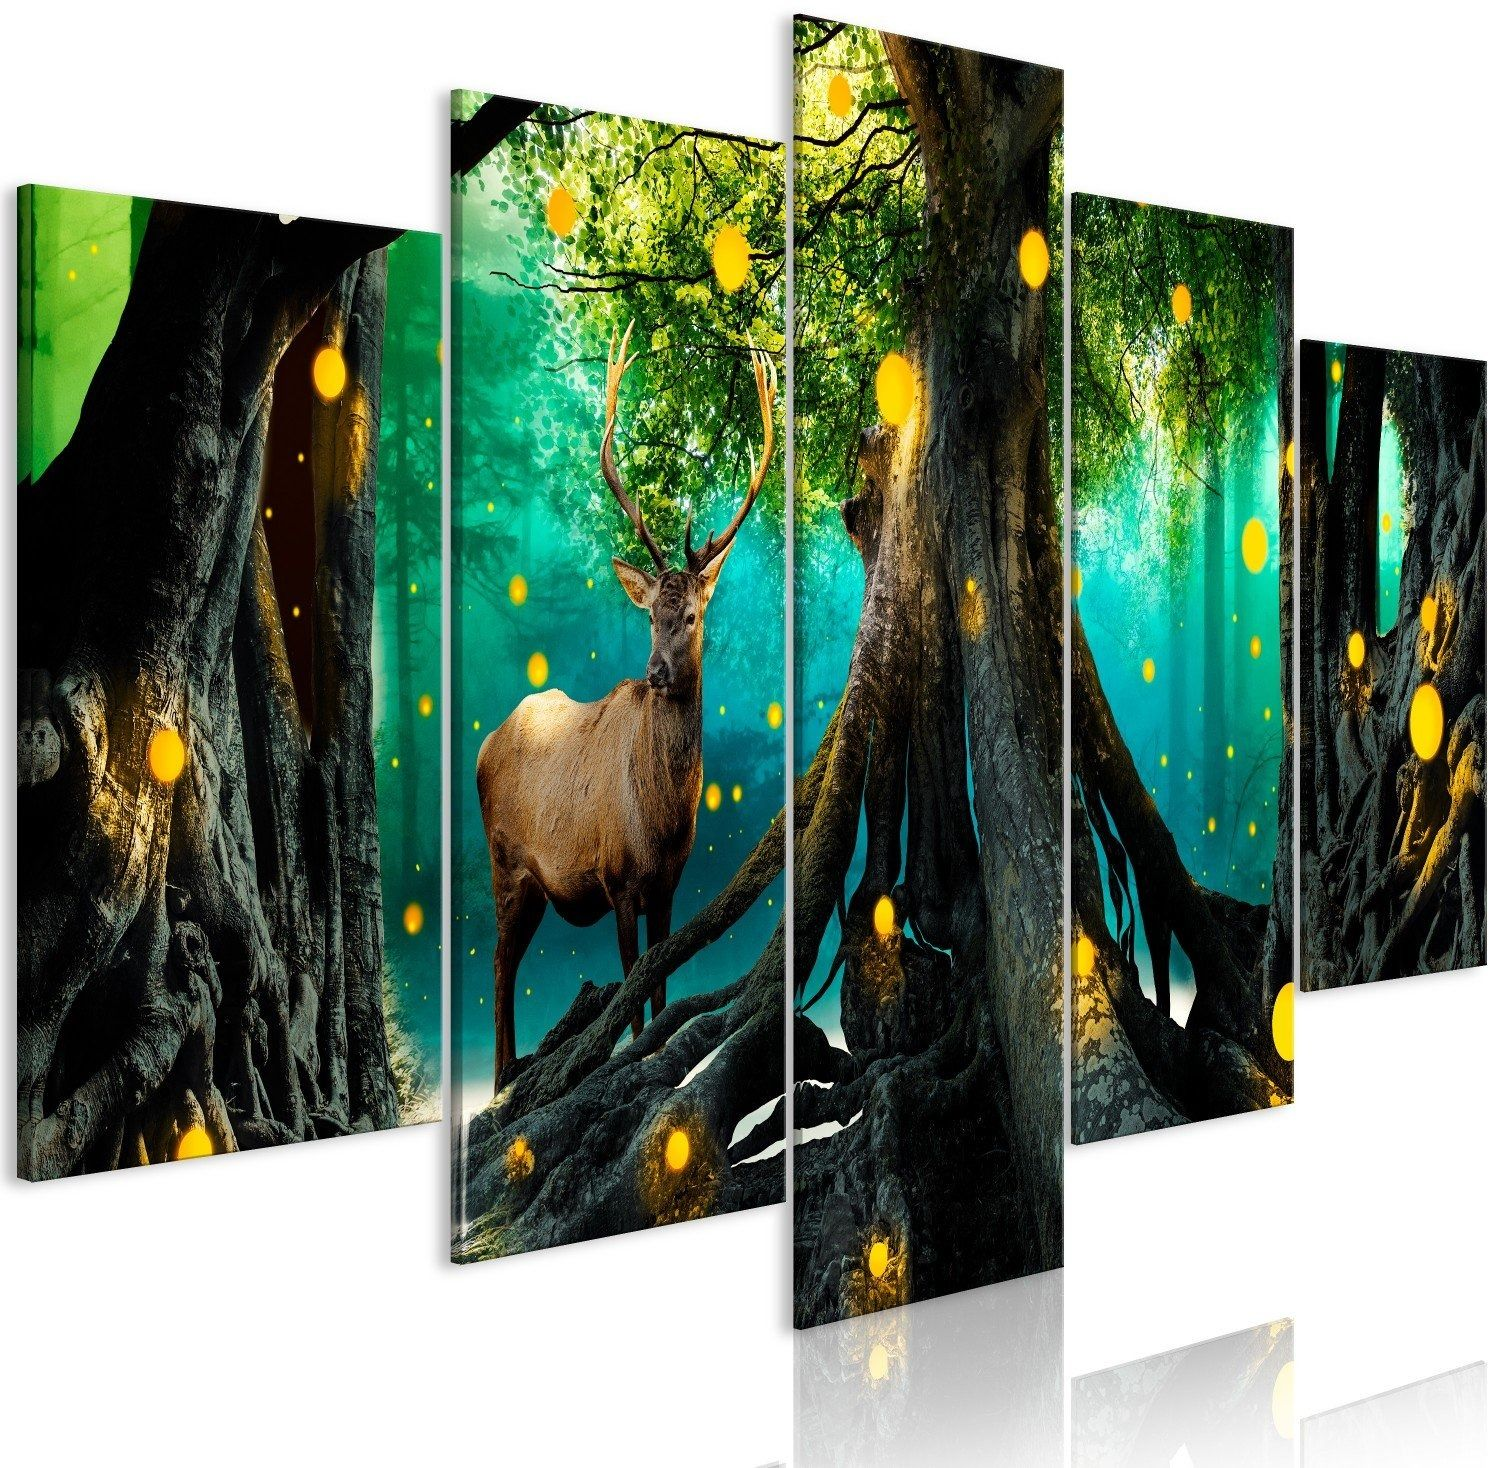 Obraz - zaklęty las (5-częściowy) szeroki